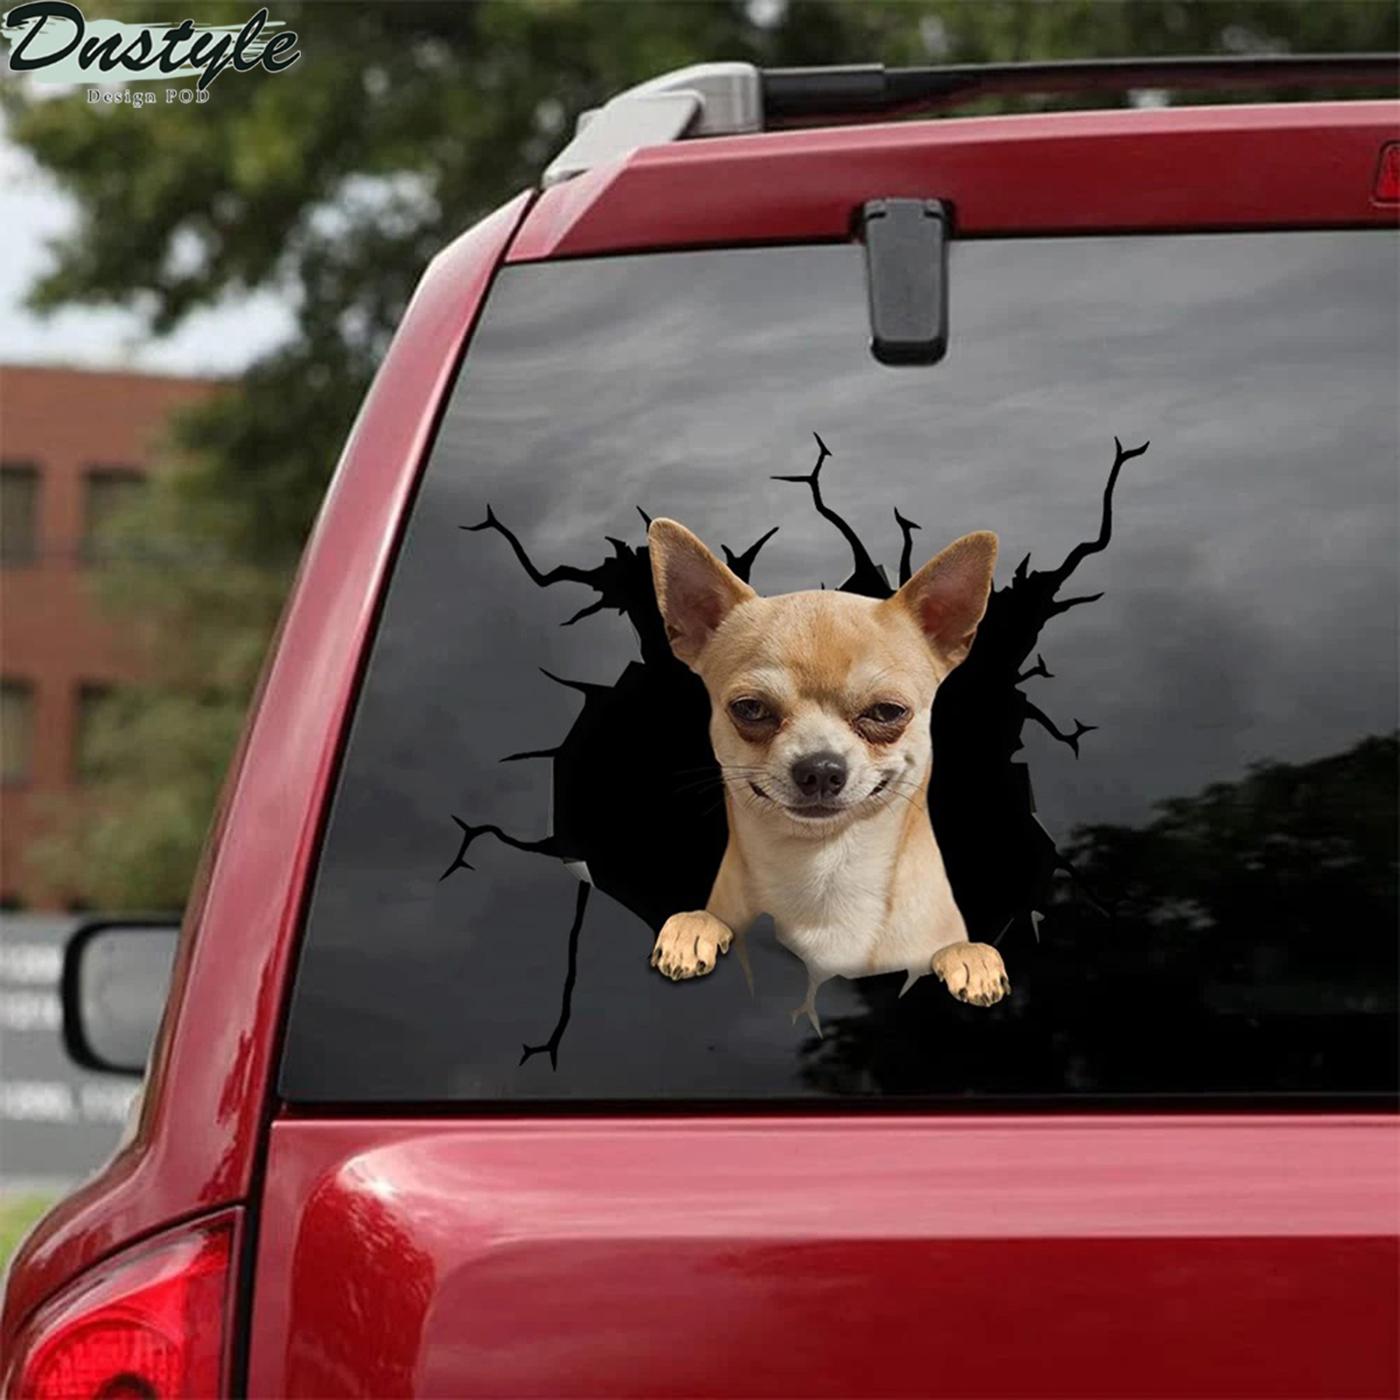 Chihuahua crack car decal sticker 2